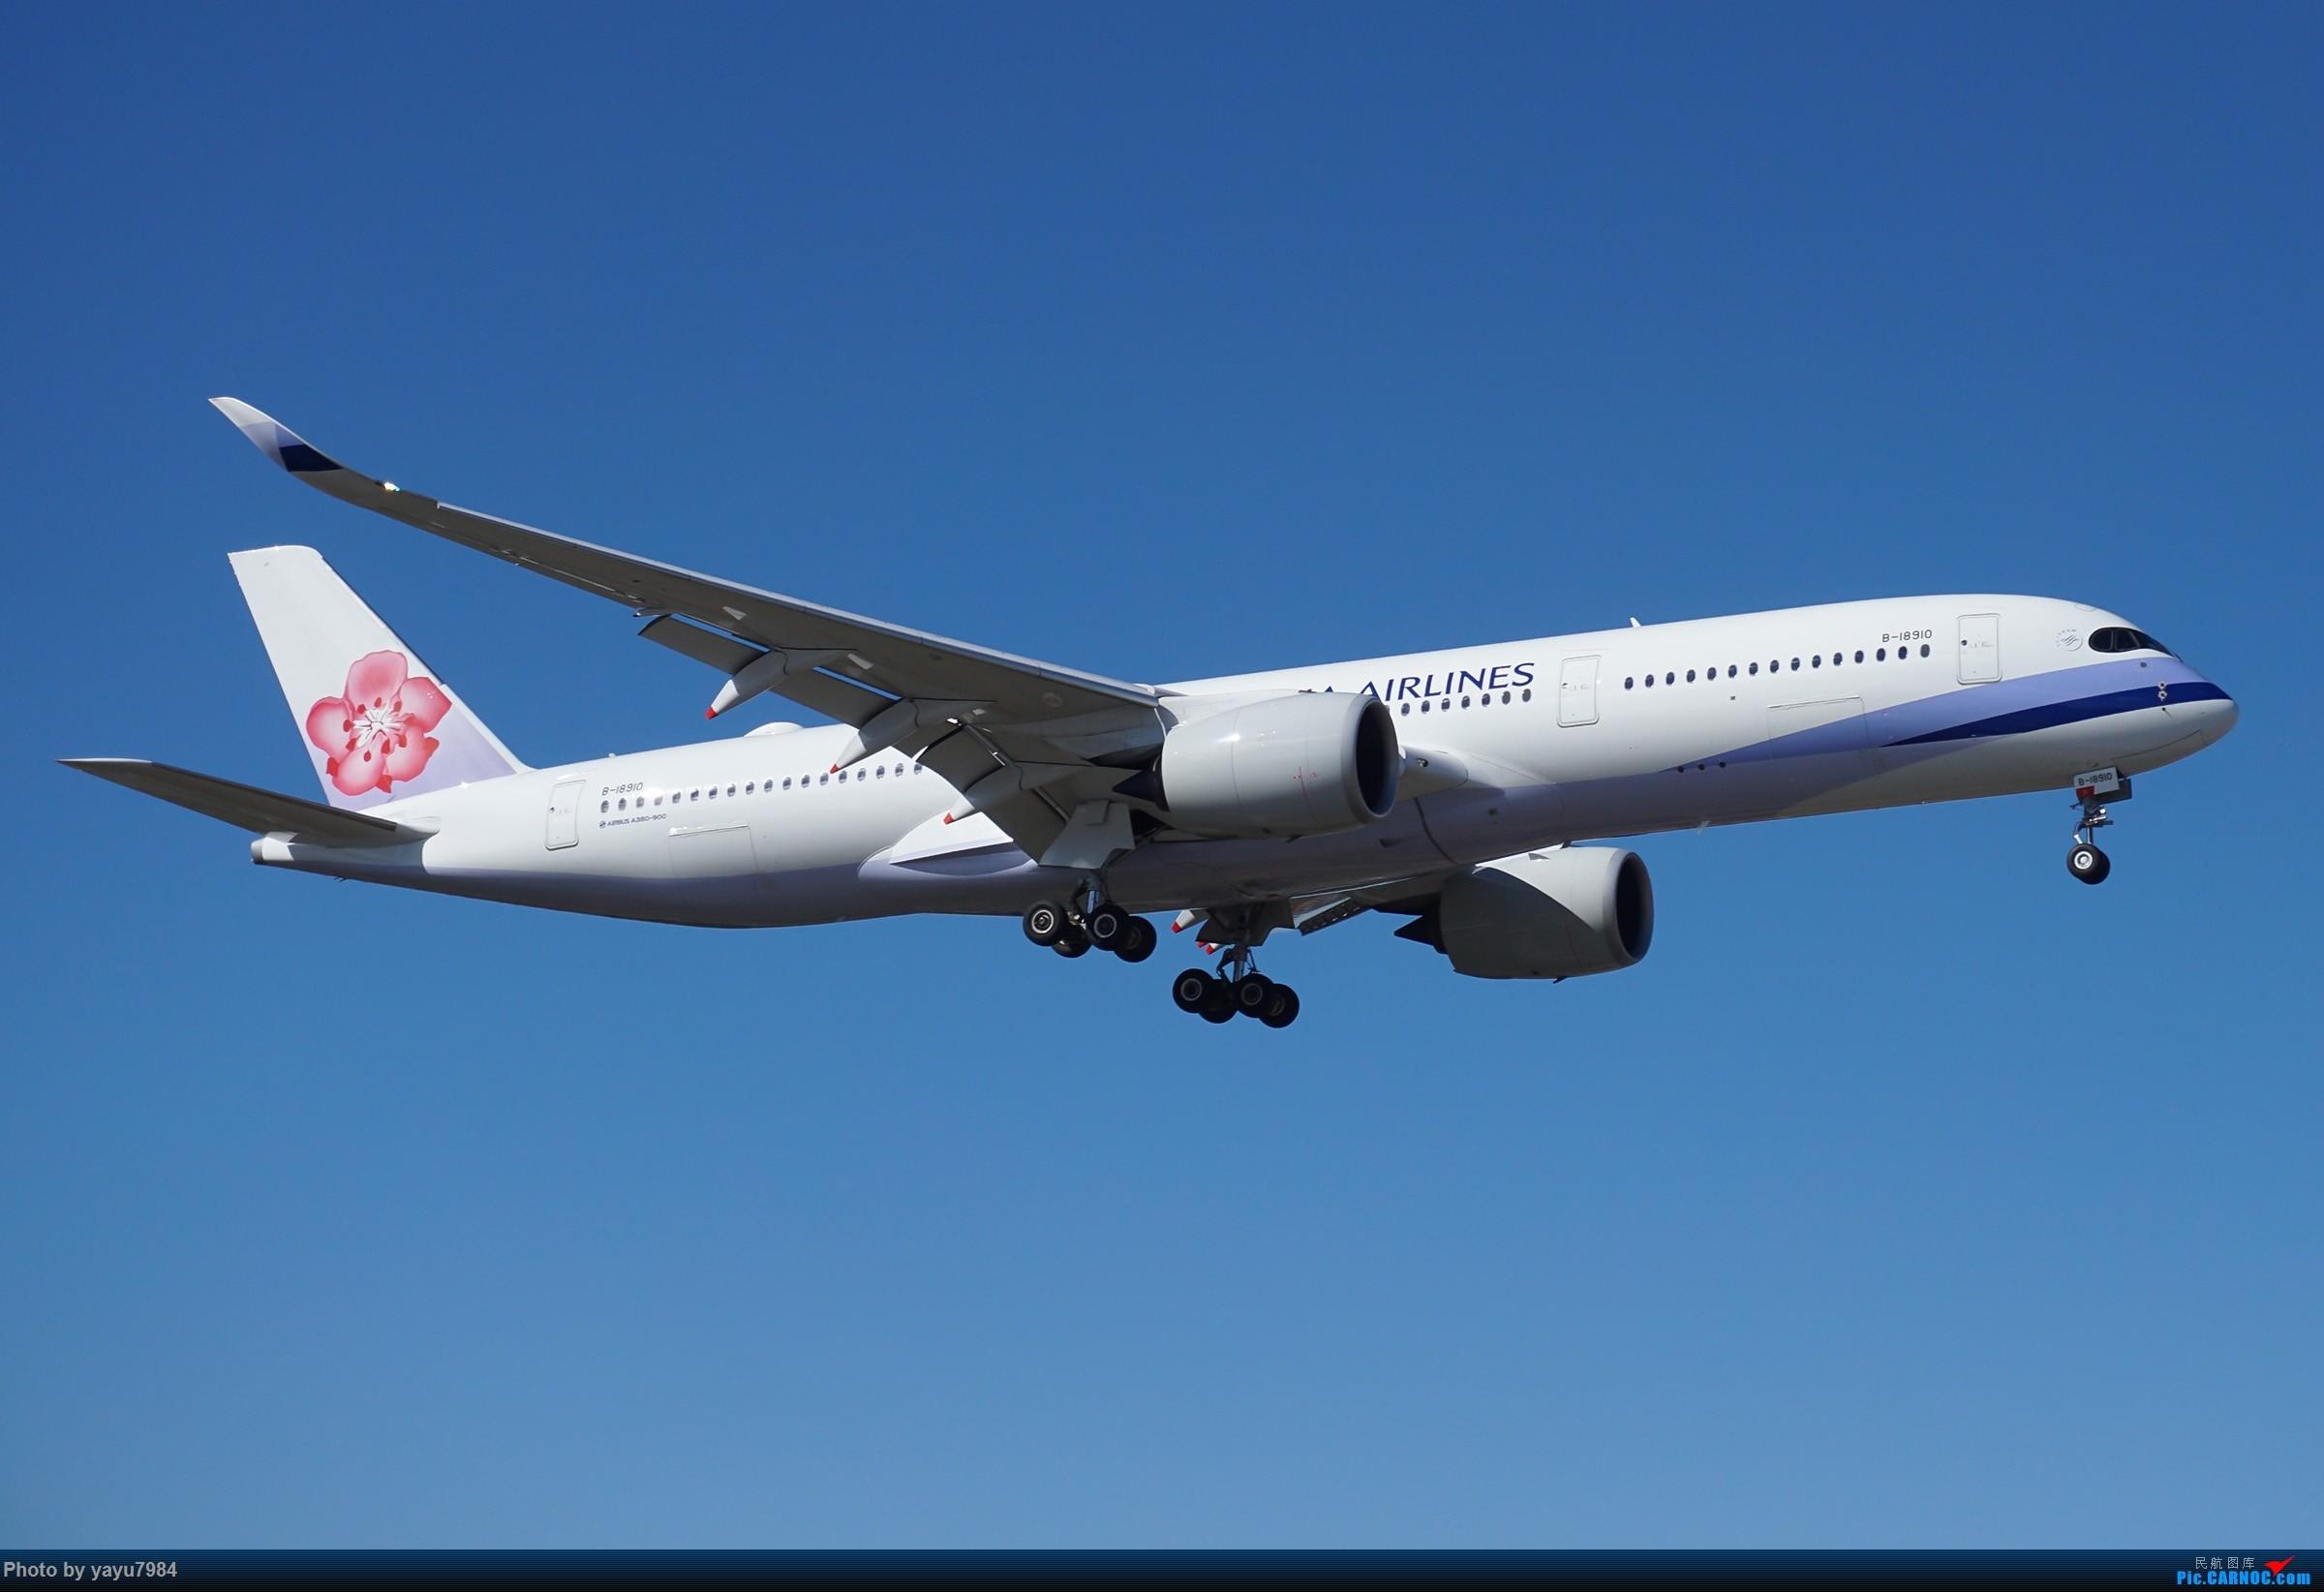 [原创][SYD] 25跑道头打卡,有幸收集到4架MU的A332 AIRBUS A350-900 B-18910 澳大利亚悉尼金斯福德·史密斯机场